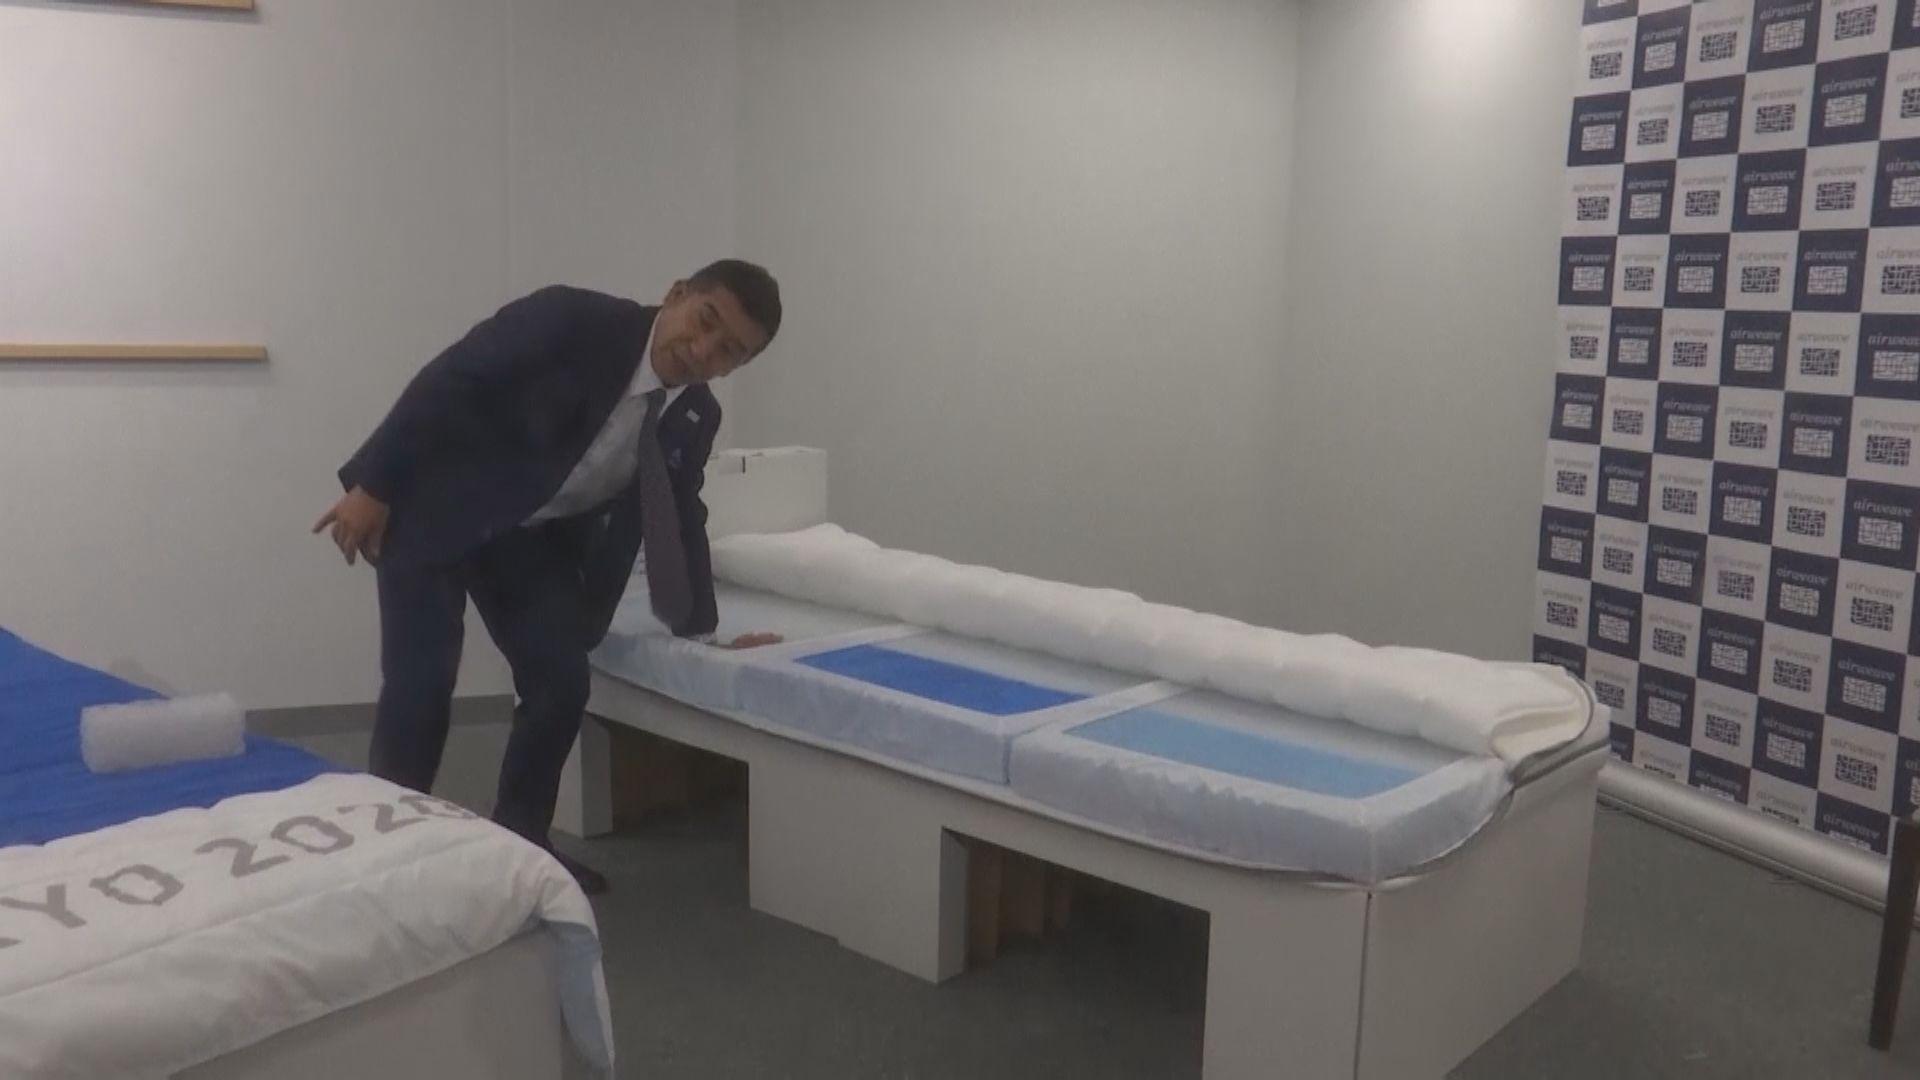 東奧選手村紙板床將成新冠病人病床 奧組委成員指貫徹可持續發展概念